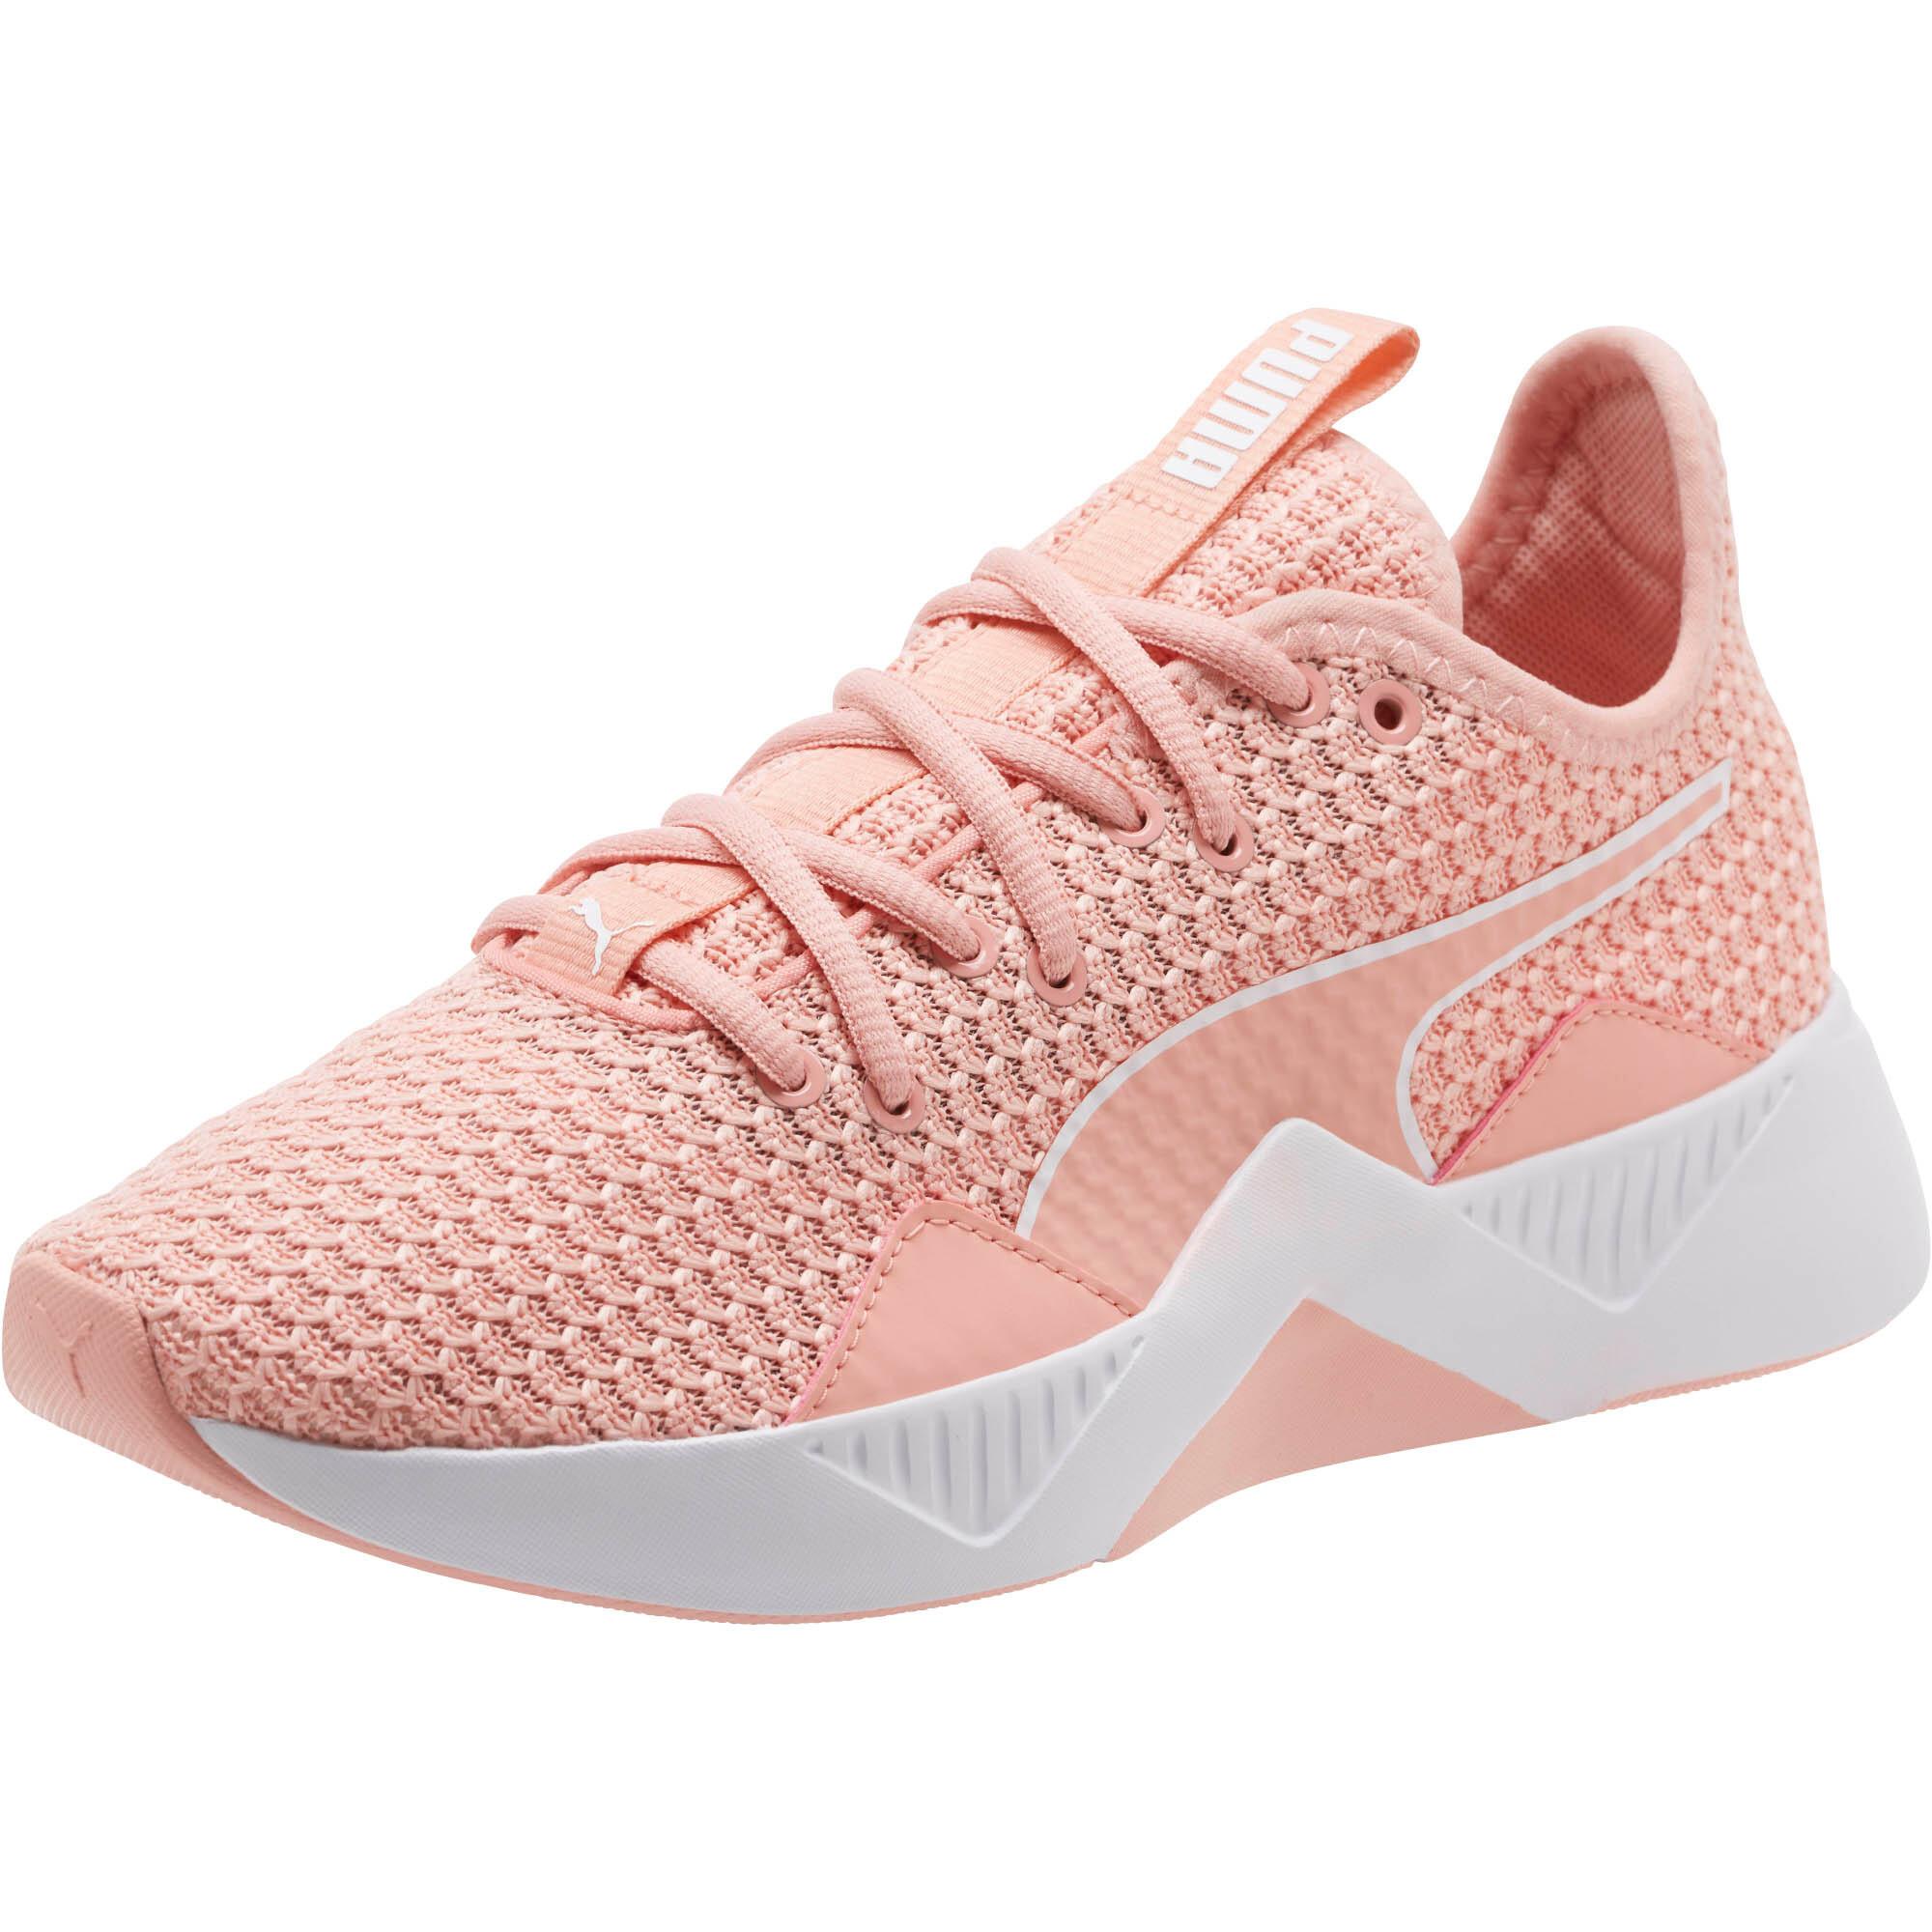 PUMA-Incite-FS-Women-039-s-Training-Shoes-Women-Shoe-Training thumbnail 17